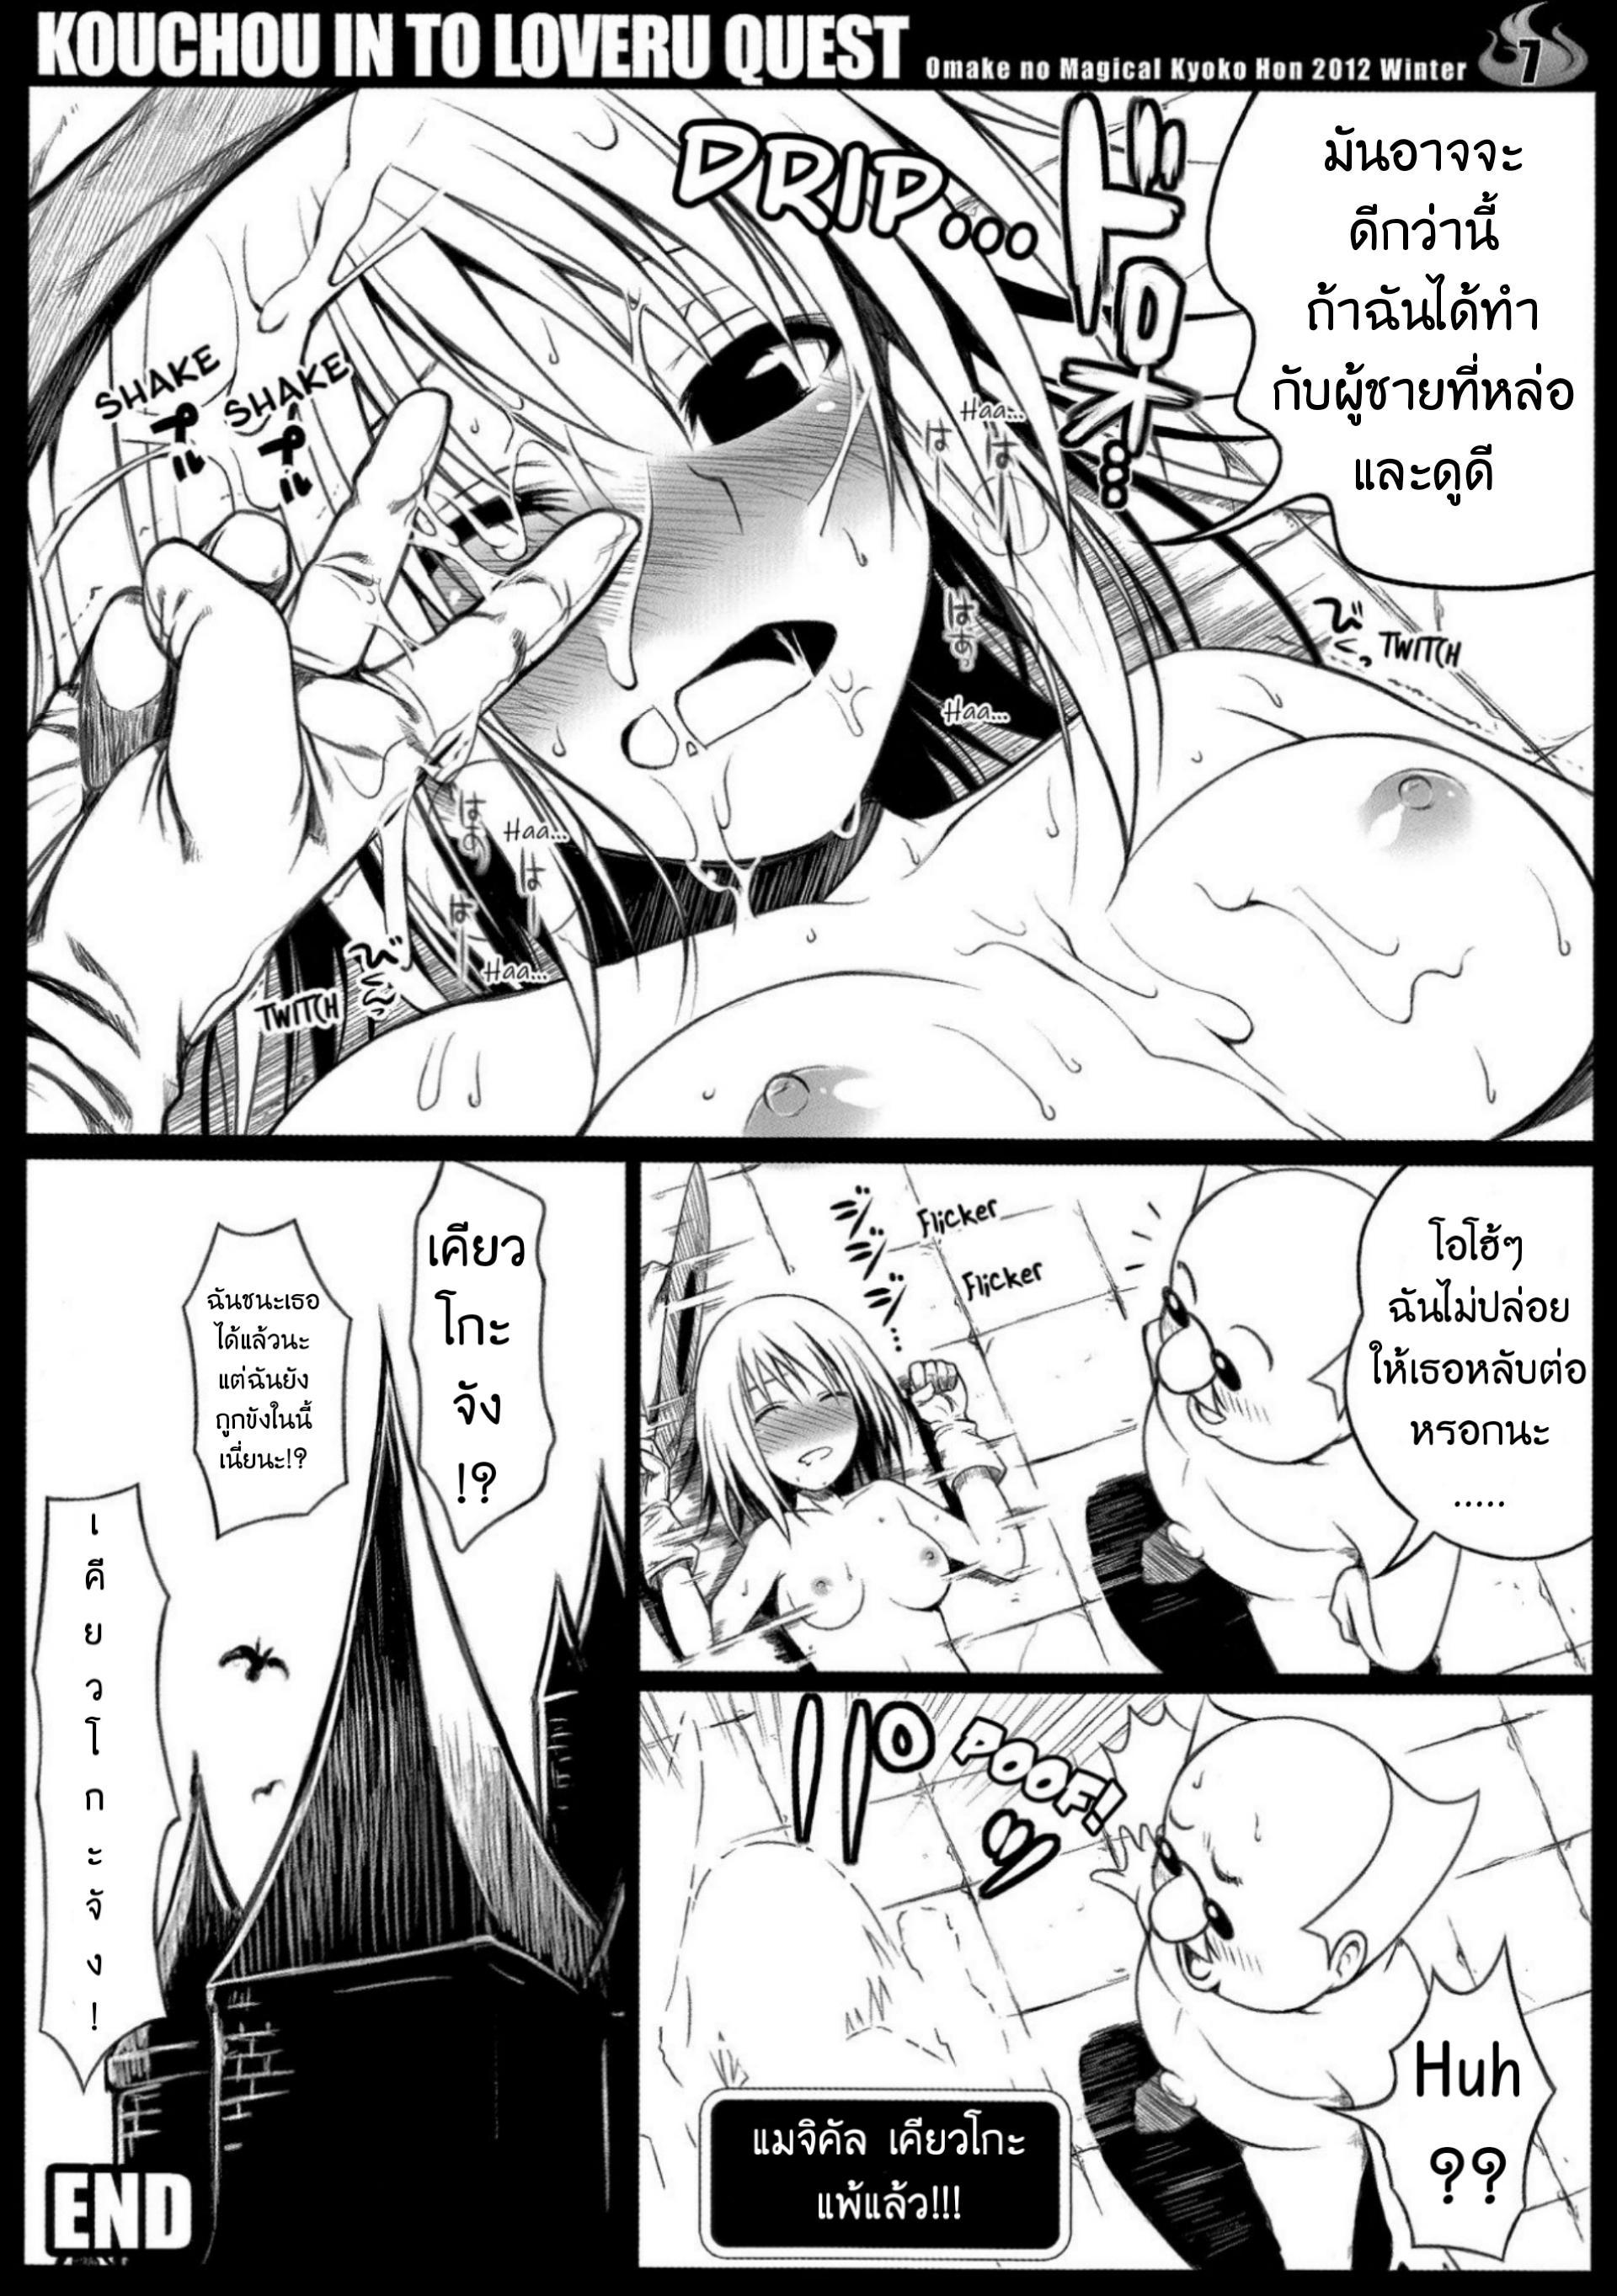 บอสตัวสุดท้ายคือ แมจิเคิล เคียวโกะจัง! ภาพ 6